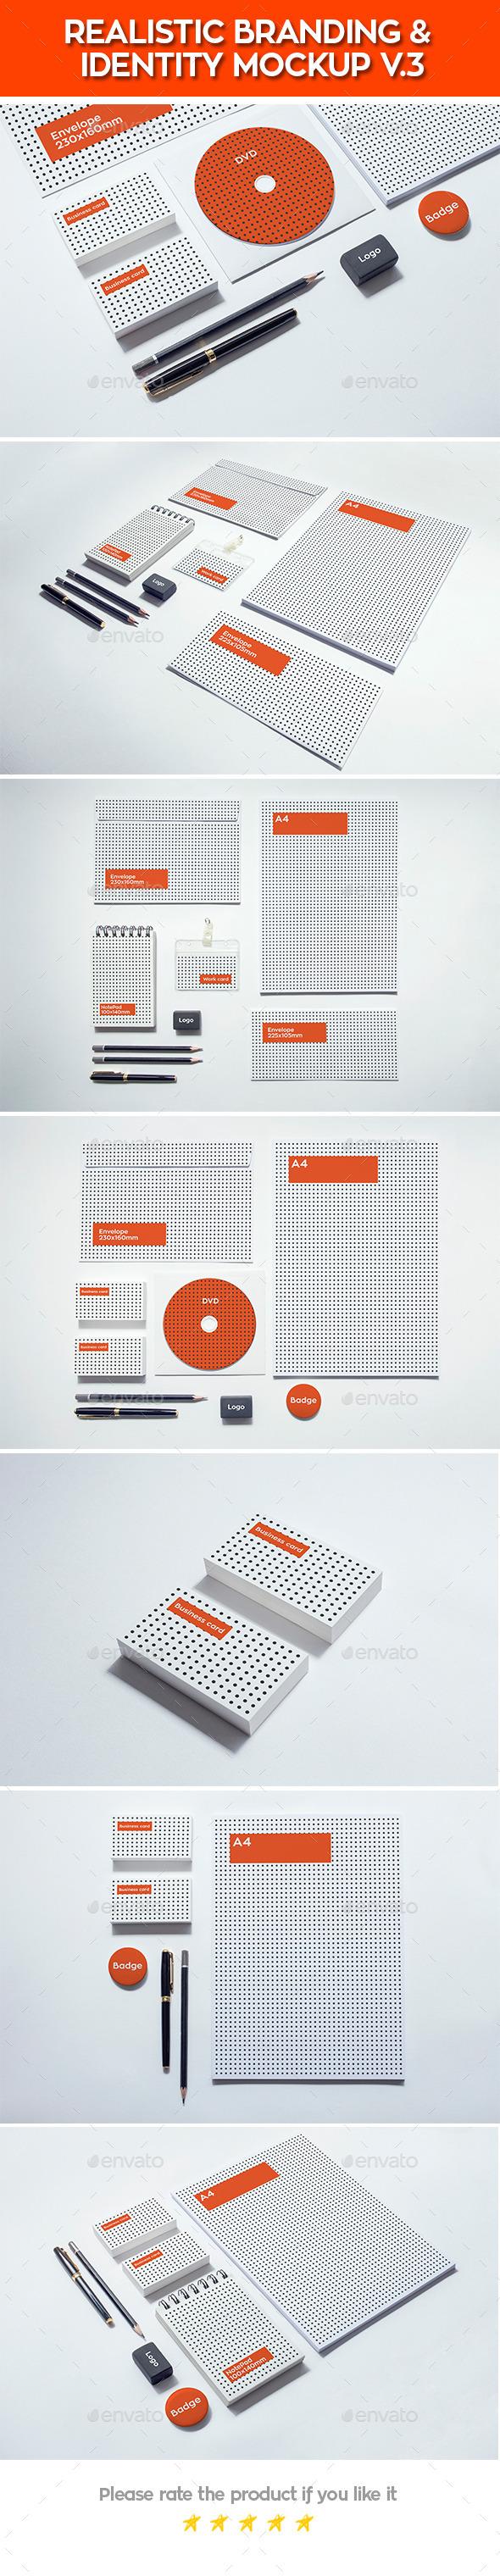 Realistic Branding & Identity Design Mockups V3 - Stationery Print